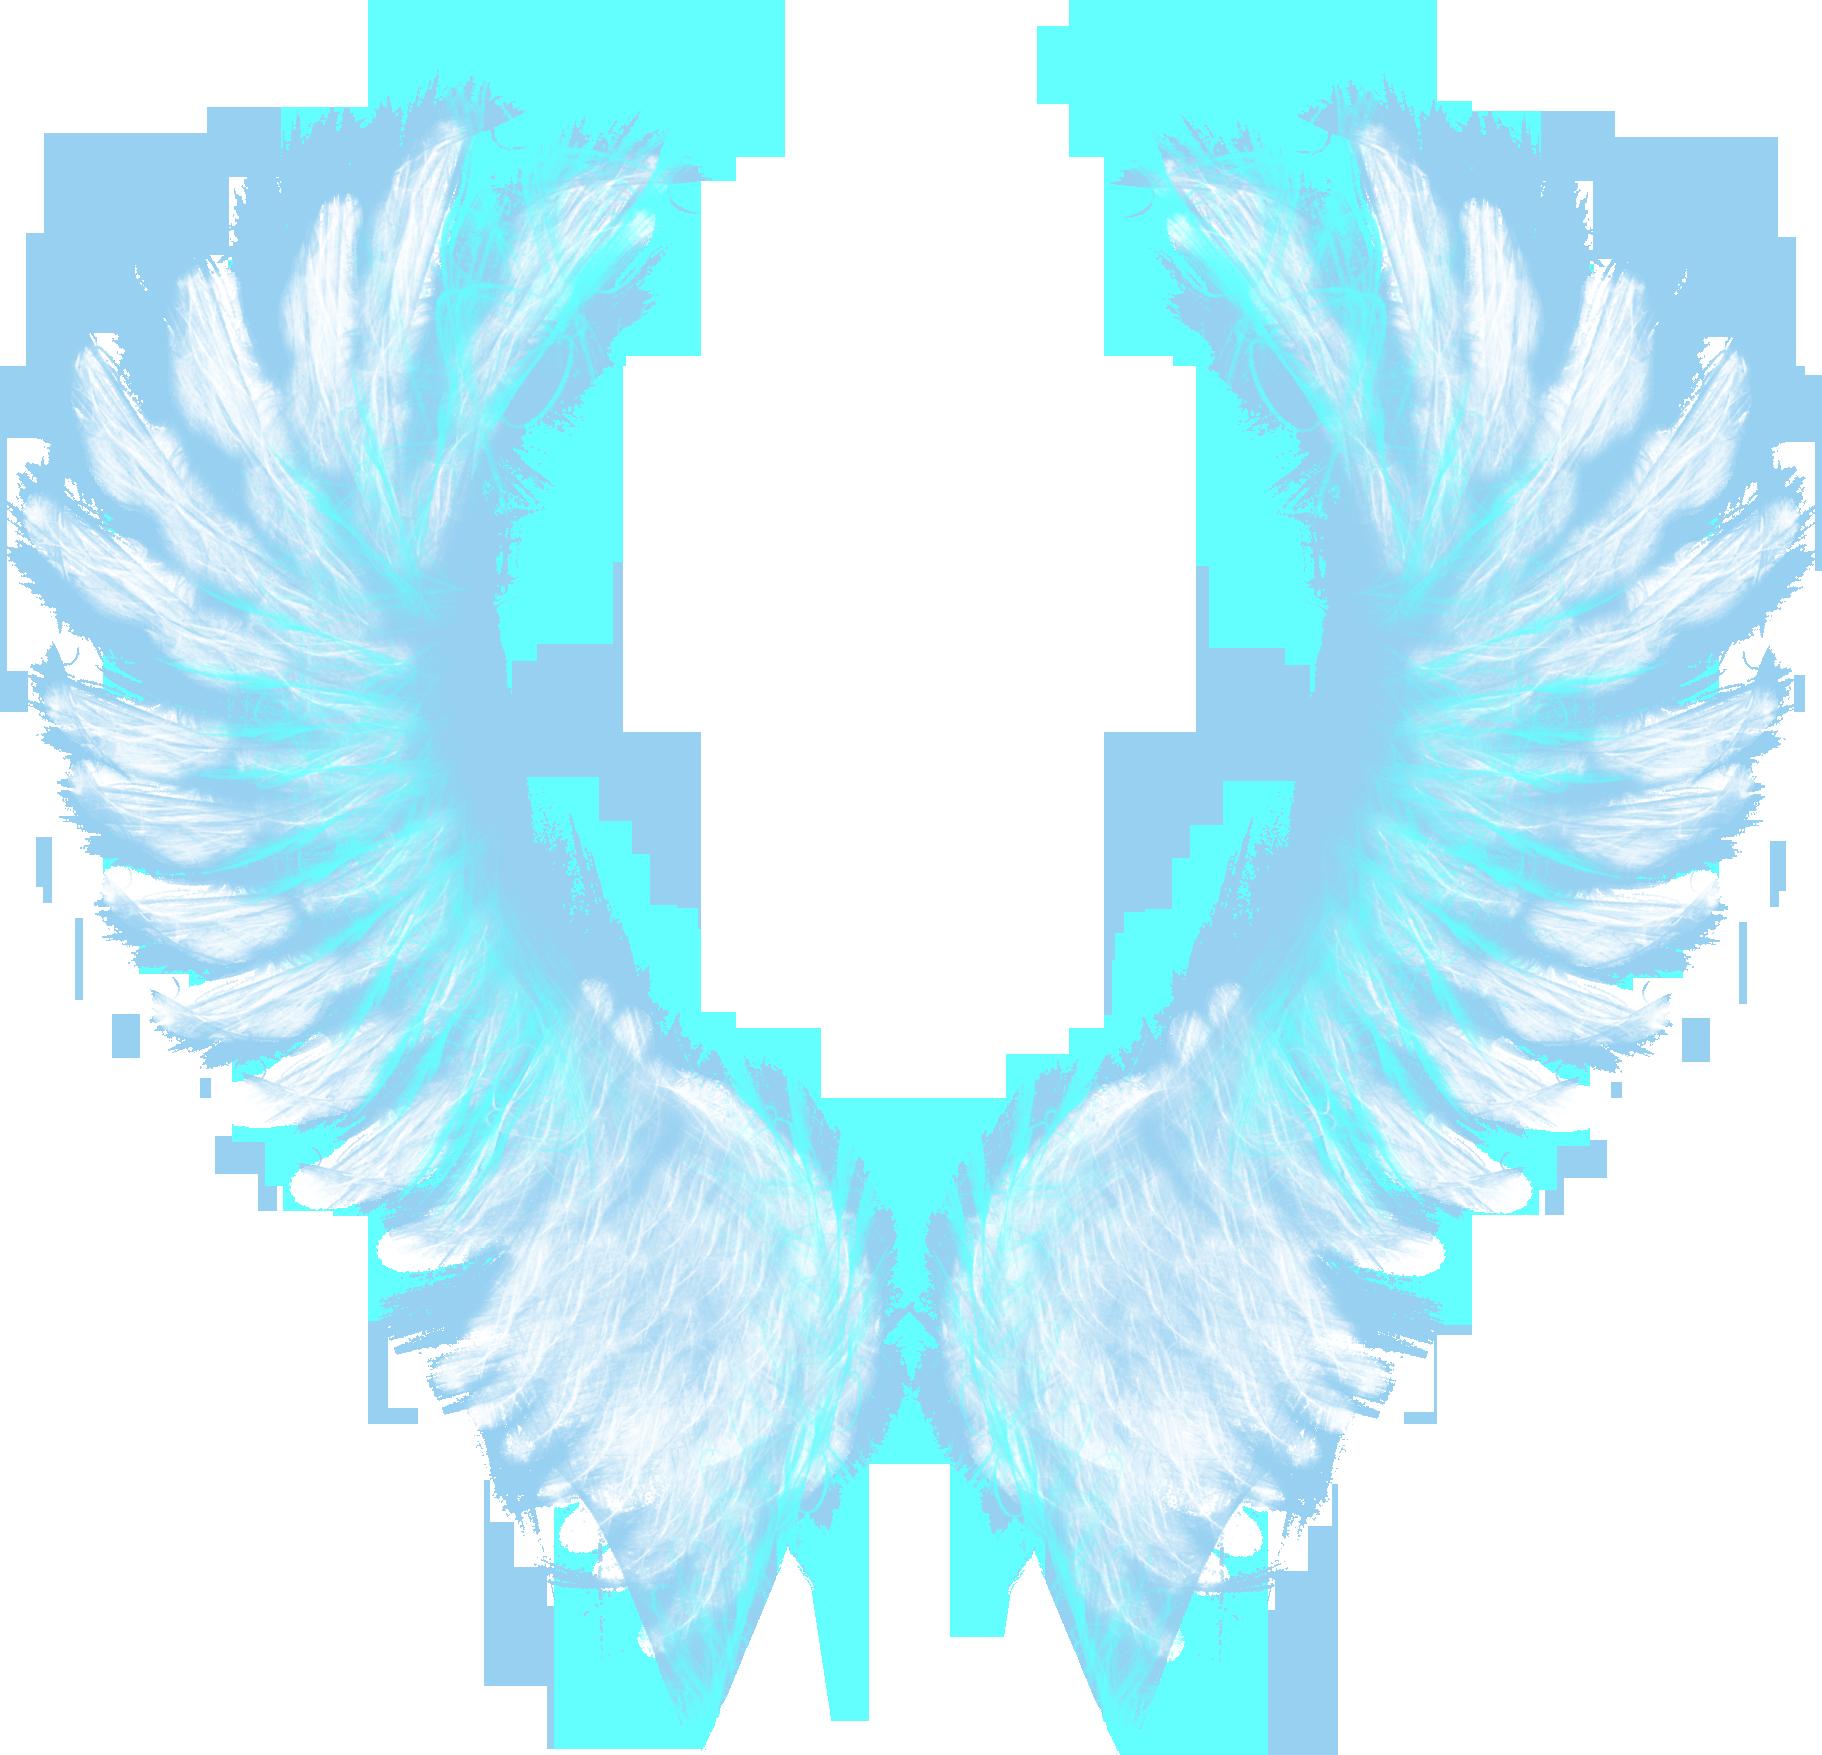 крылья ангела картинка